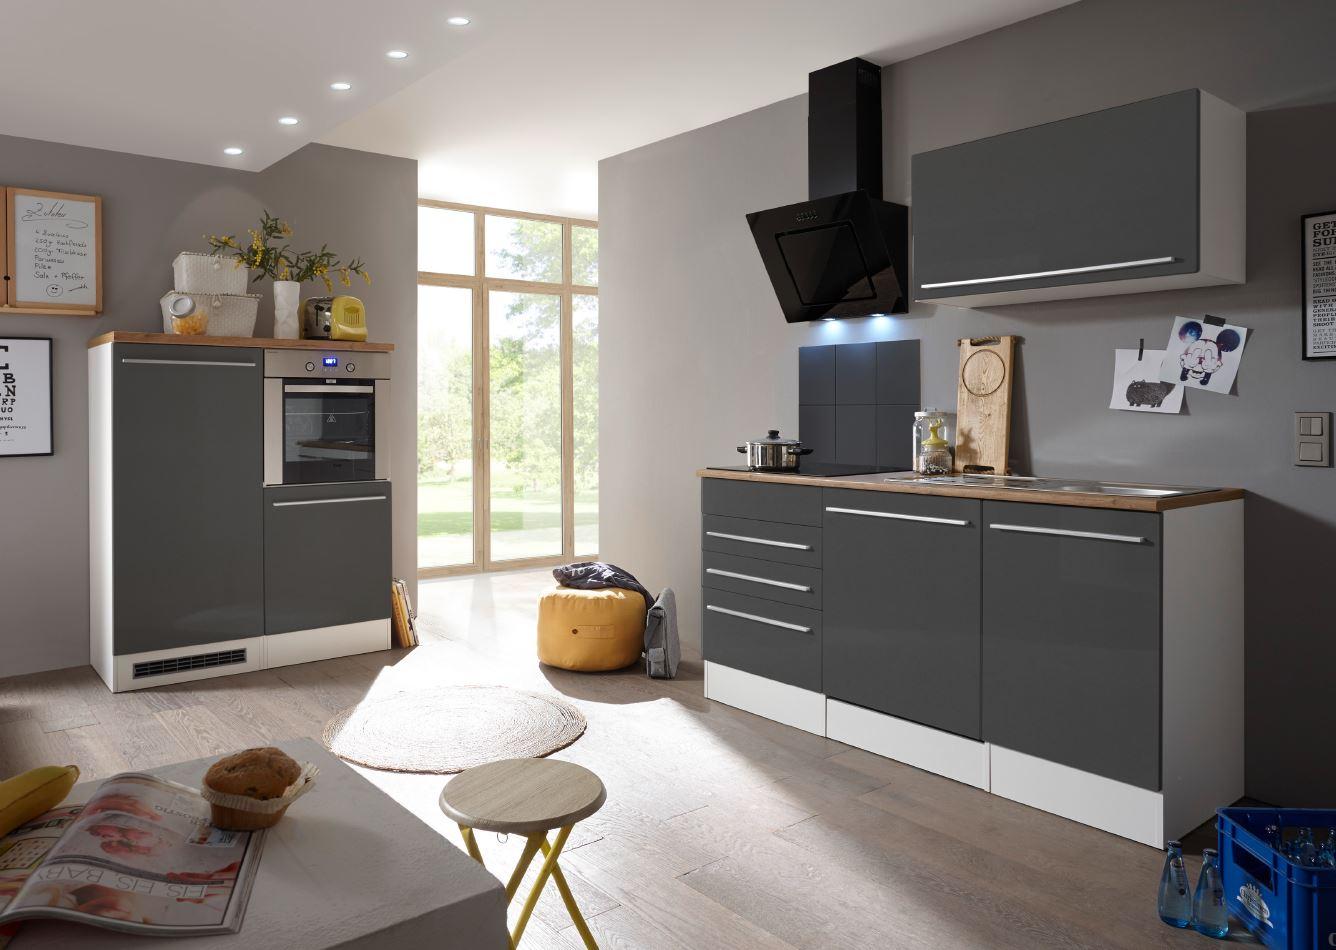 respekta premium k chenzeile k chenblock einbauk che wei grau hochglanz 290 cm ebay. Black Bedroom Furniture Sets. Home Design Ideas